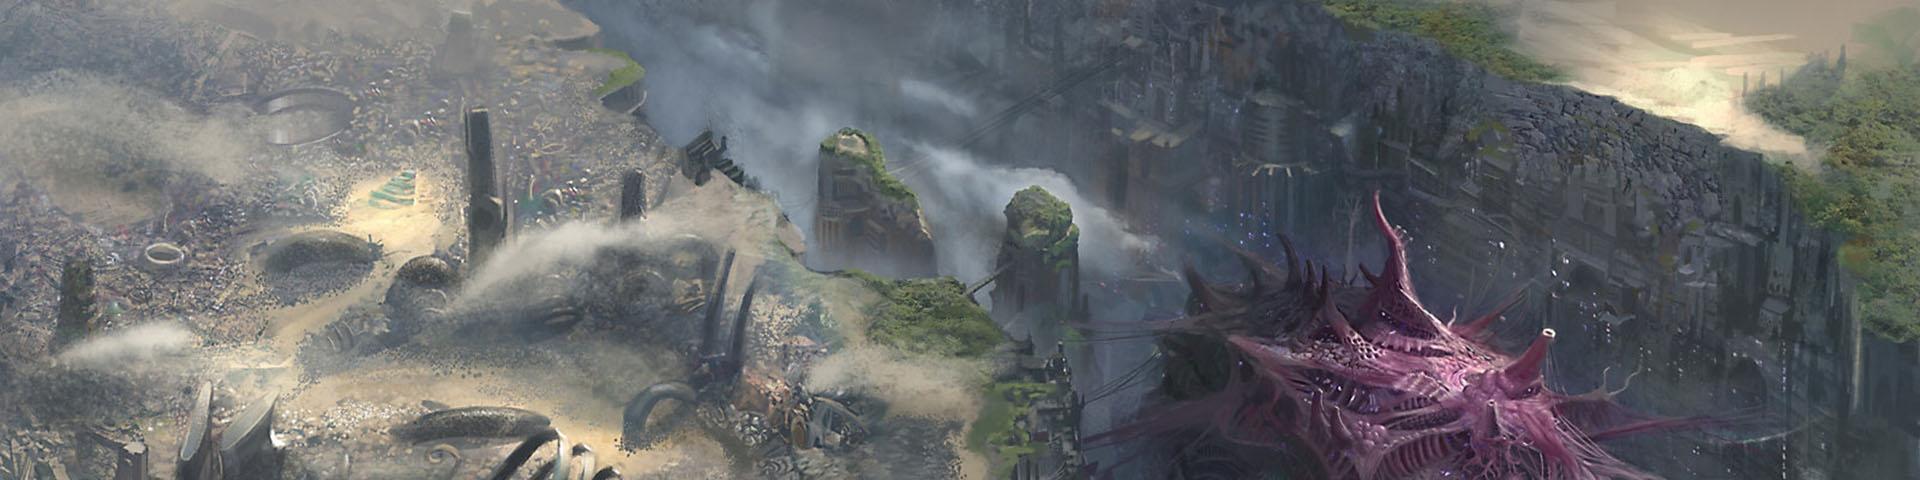 A far-future landscape.